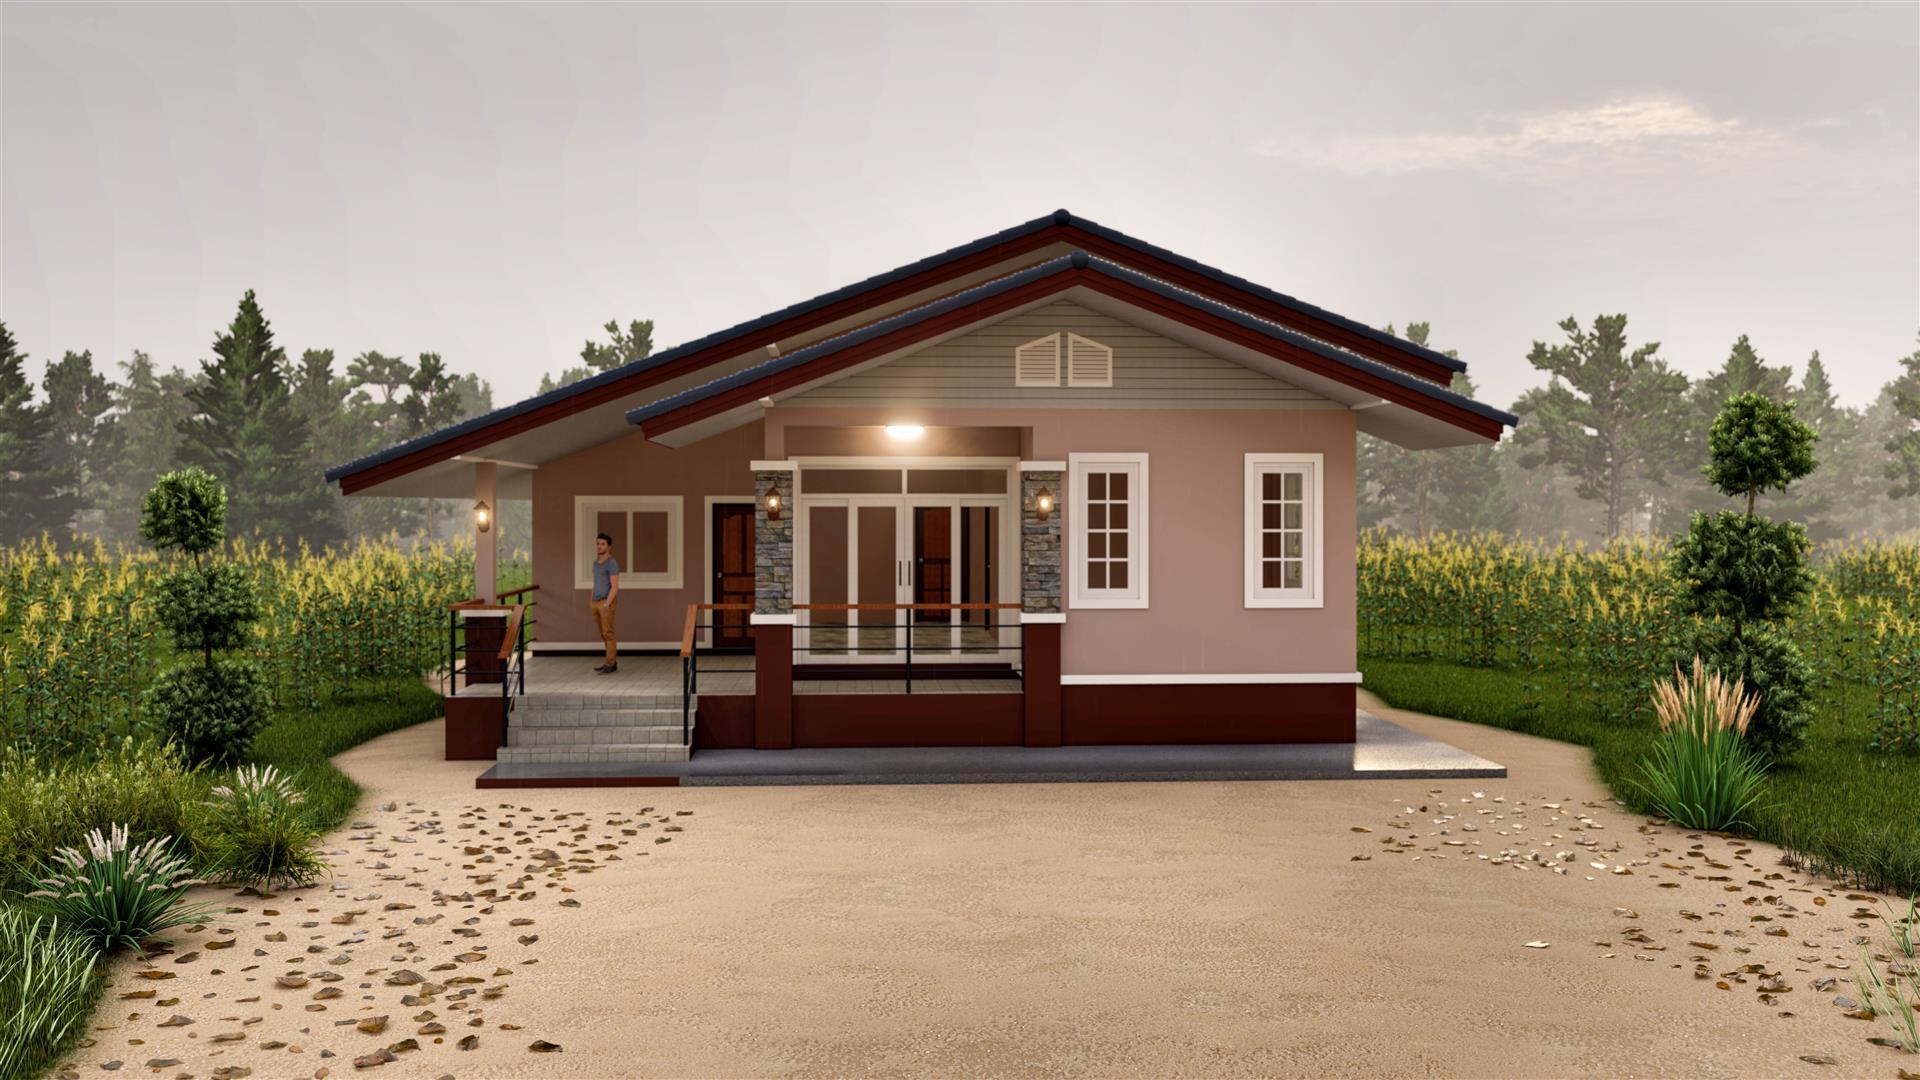 BluePrint-0116 แบบบ้านชั้นเดียวบ้านเกษตรยอดรัก